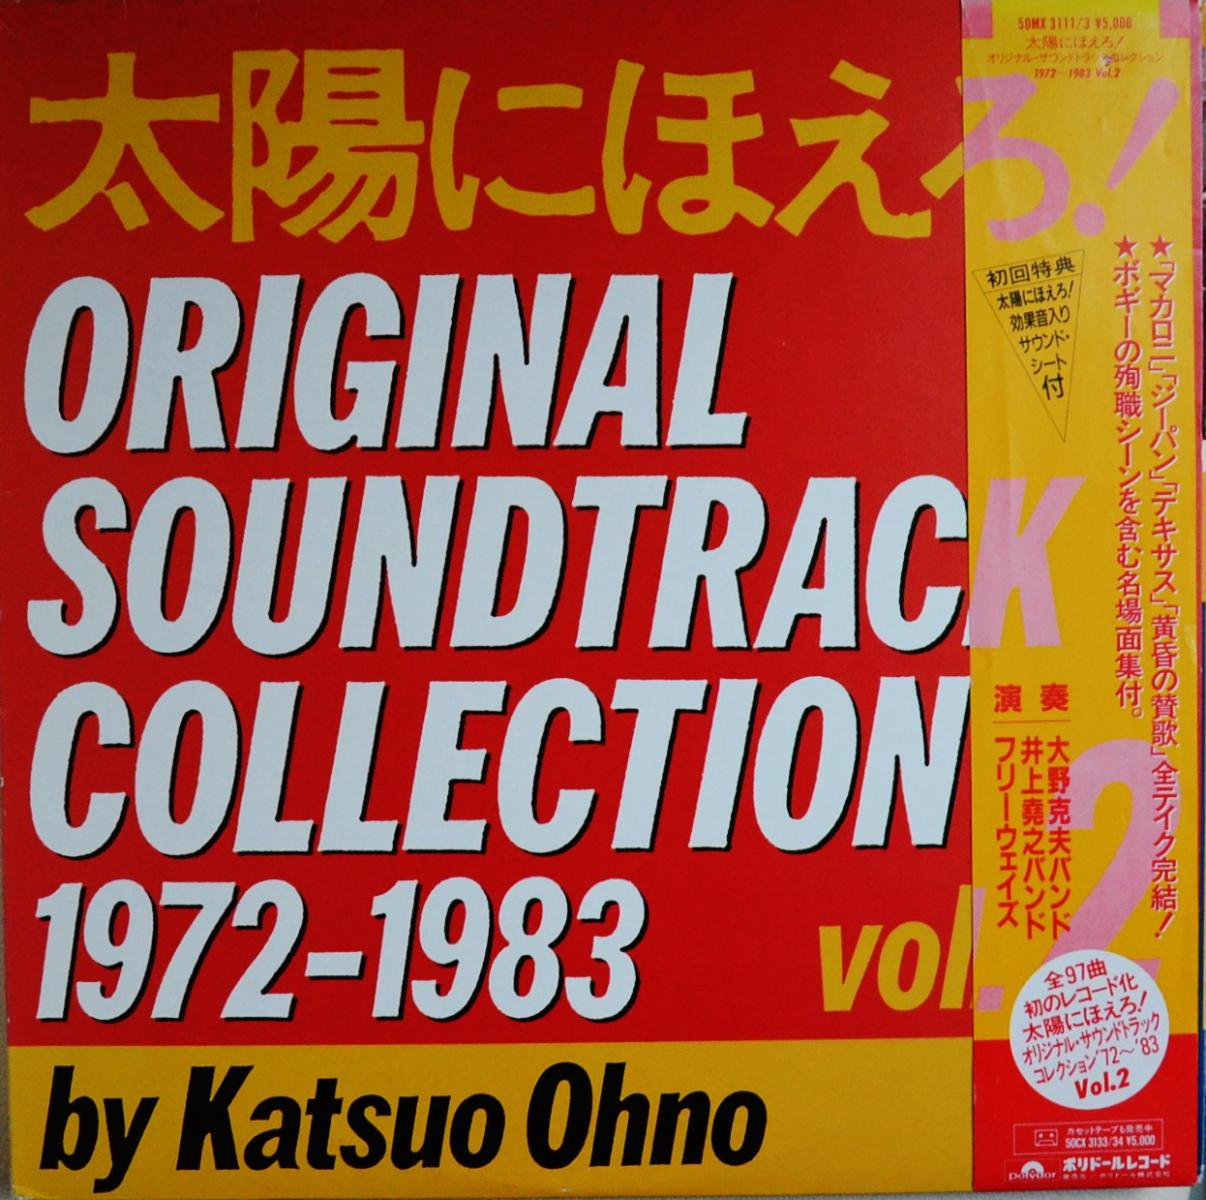 太陽にほえろ! / ORIGINAL SOUNDTRACK COLLECTION 1972-1983 VOL.2 (3LP)